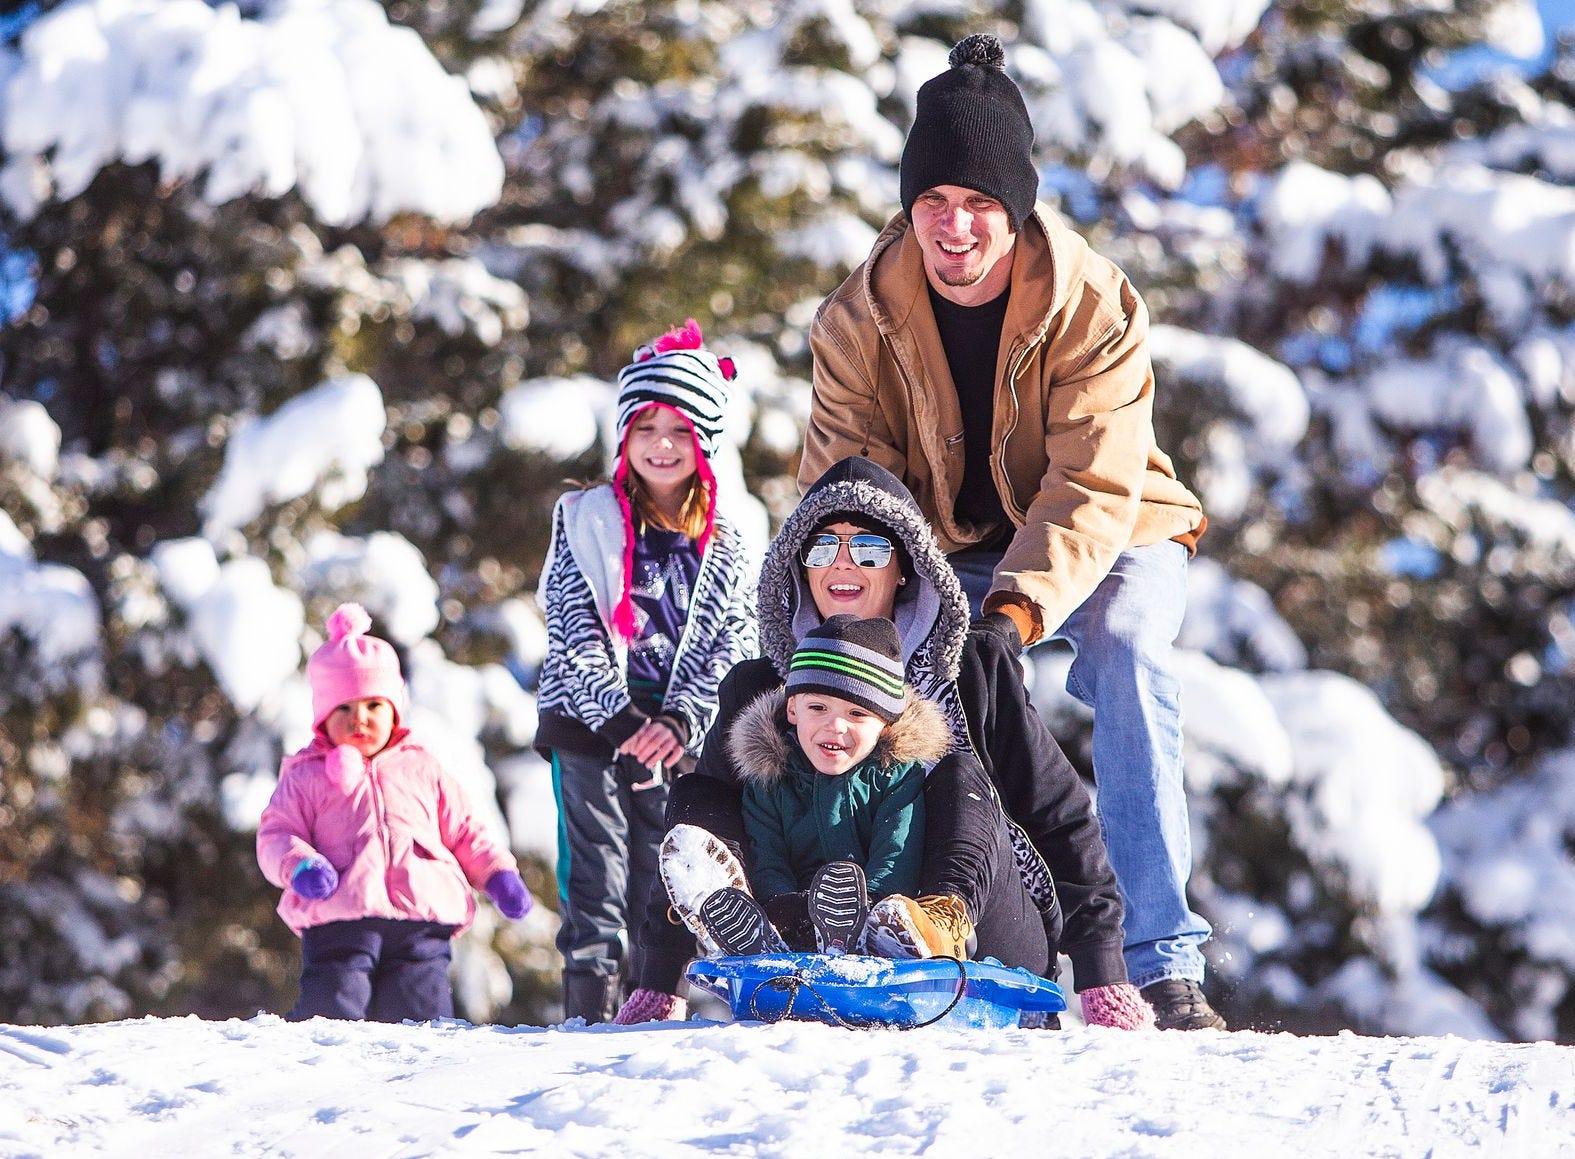 James Papa de Phoenix empuja a su esposa, Ashley, y a su hijo, Dylan, de 4 años, a una colina nevada en Green Valley Park en Payson el 1 de enero de 2019.